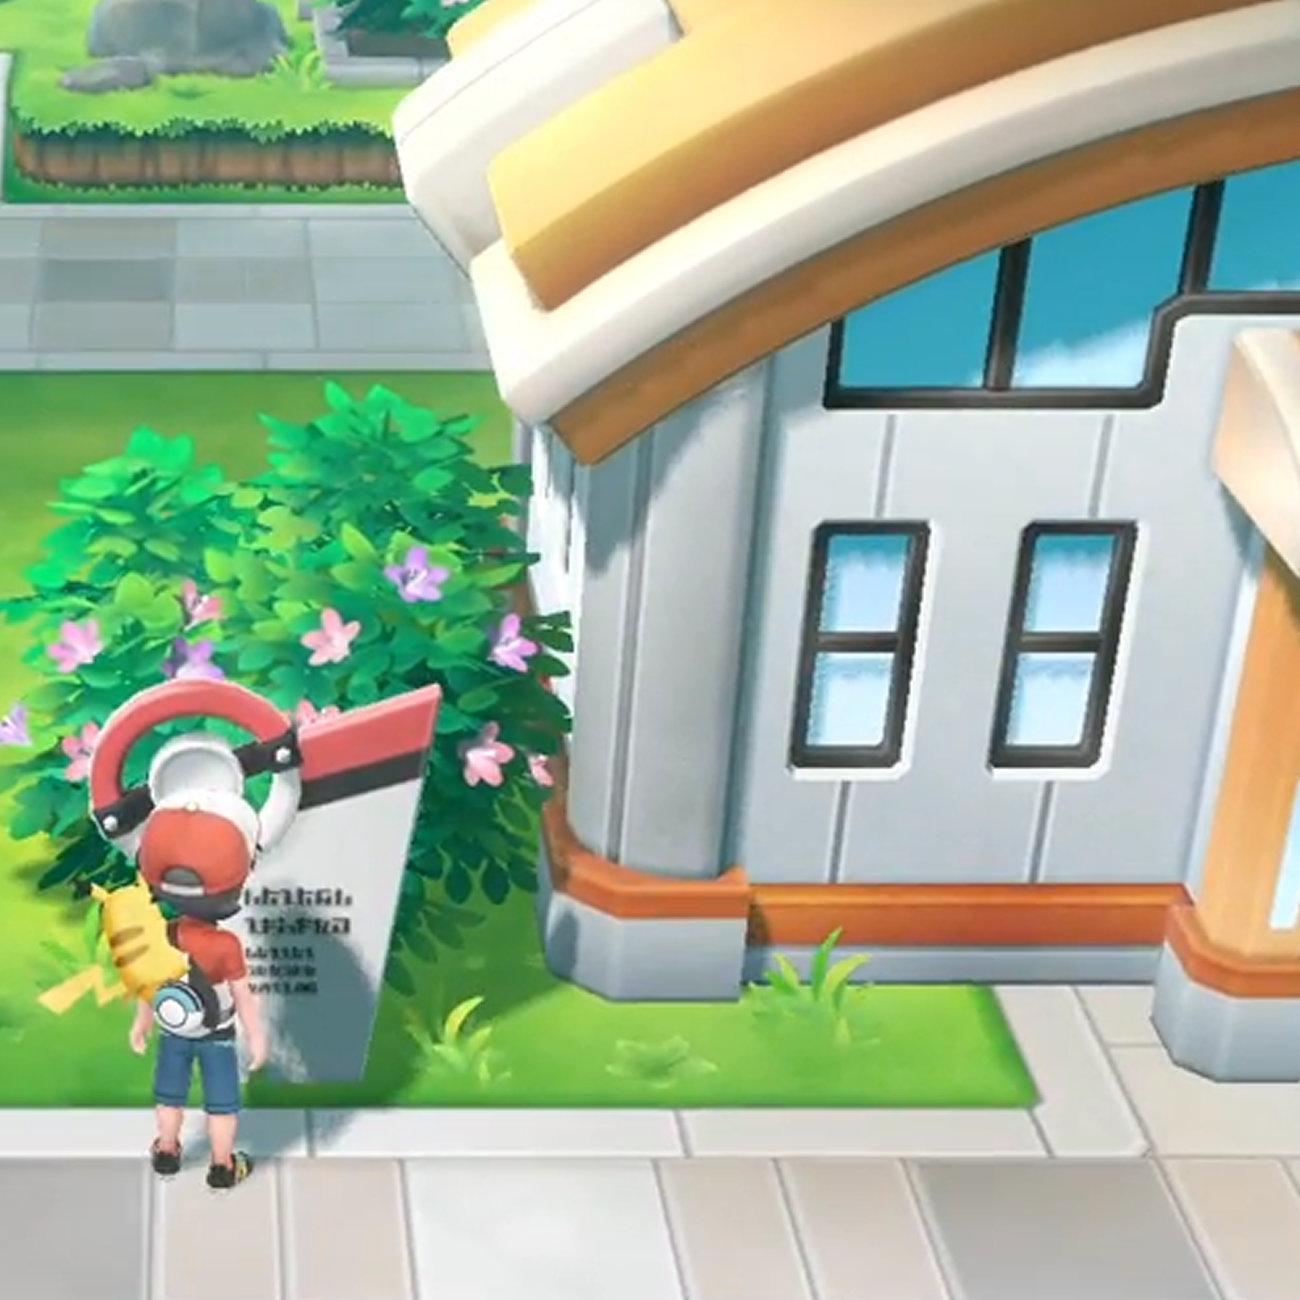 ポケモン Let's Go! ピカチュウ、オリジナル版と違うジム